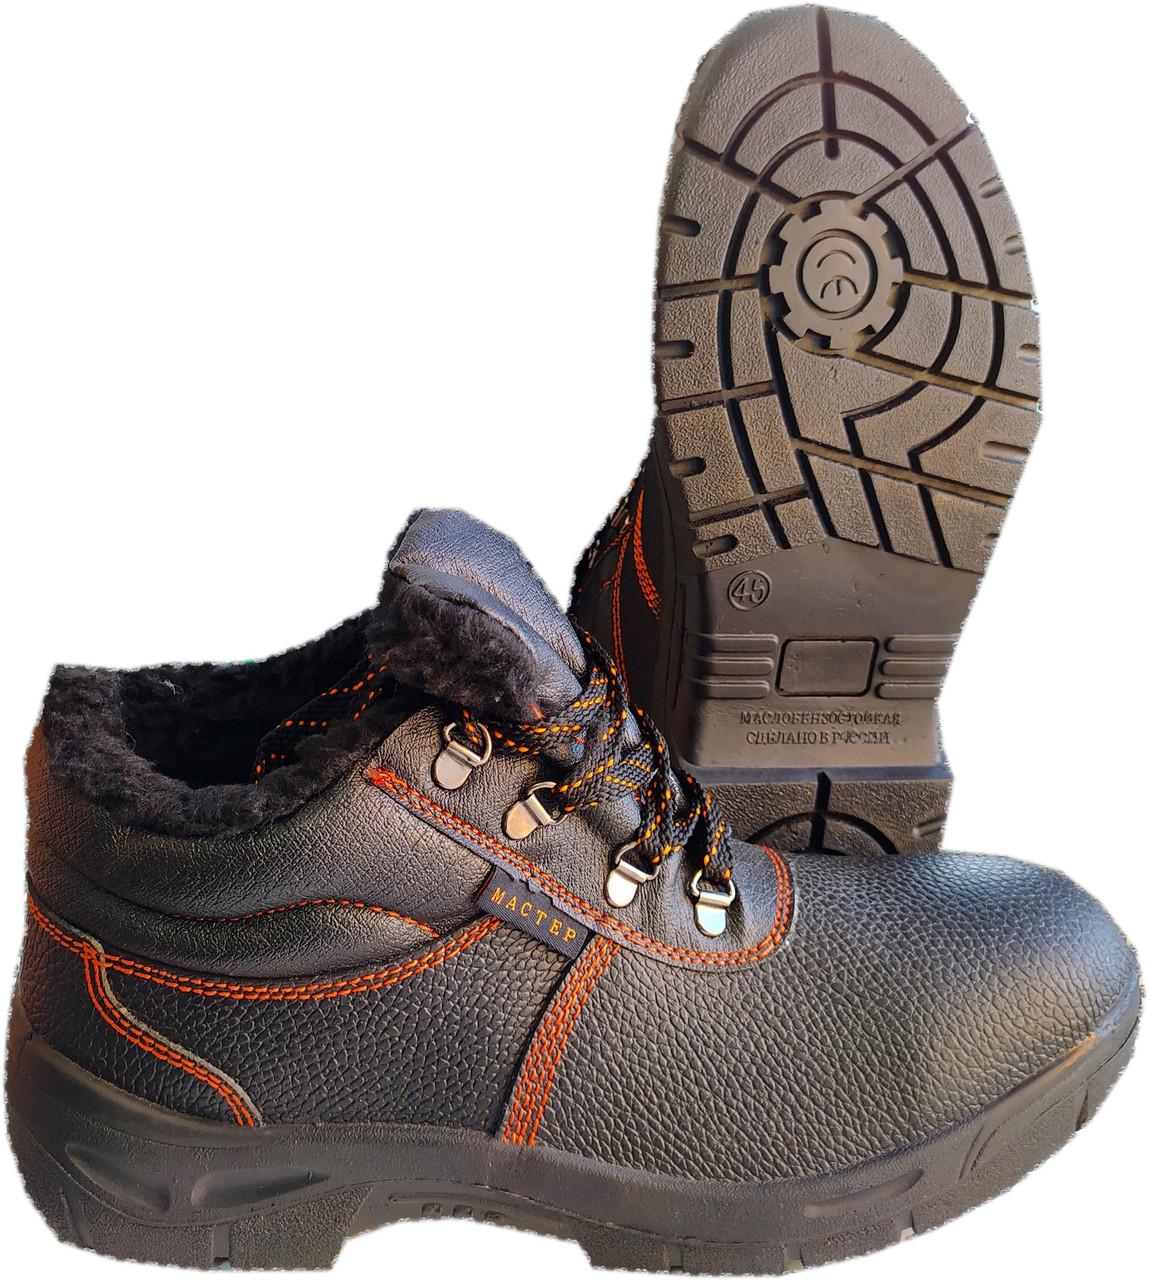 Ботинки литые - зима (есть 3 вида)